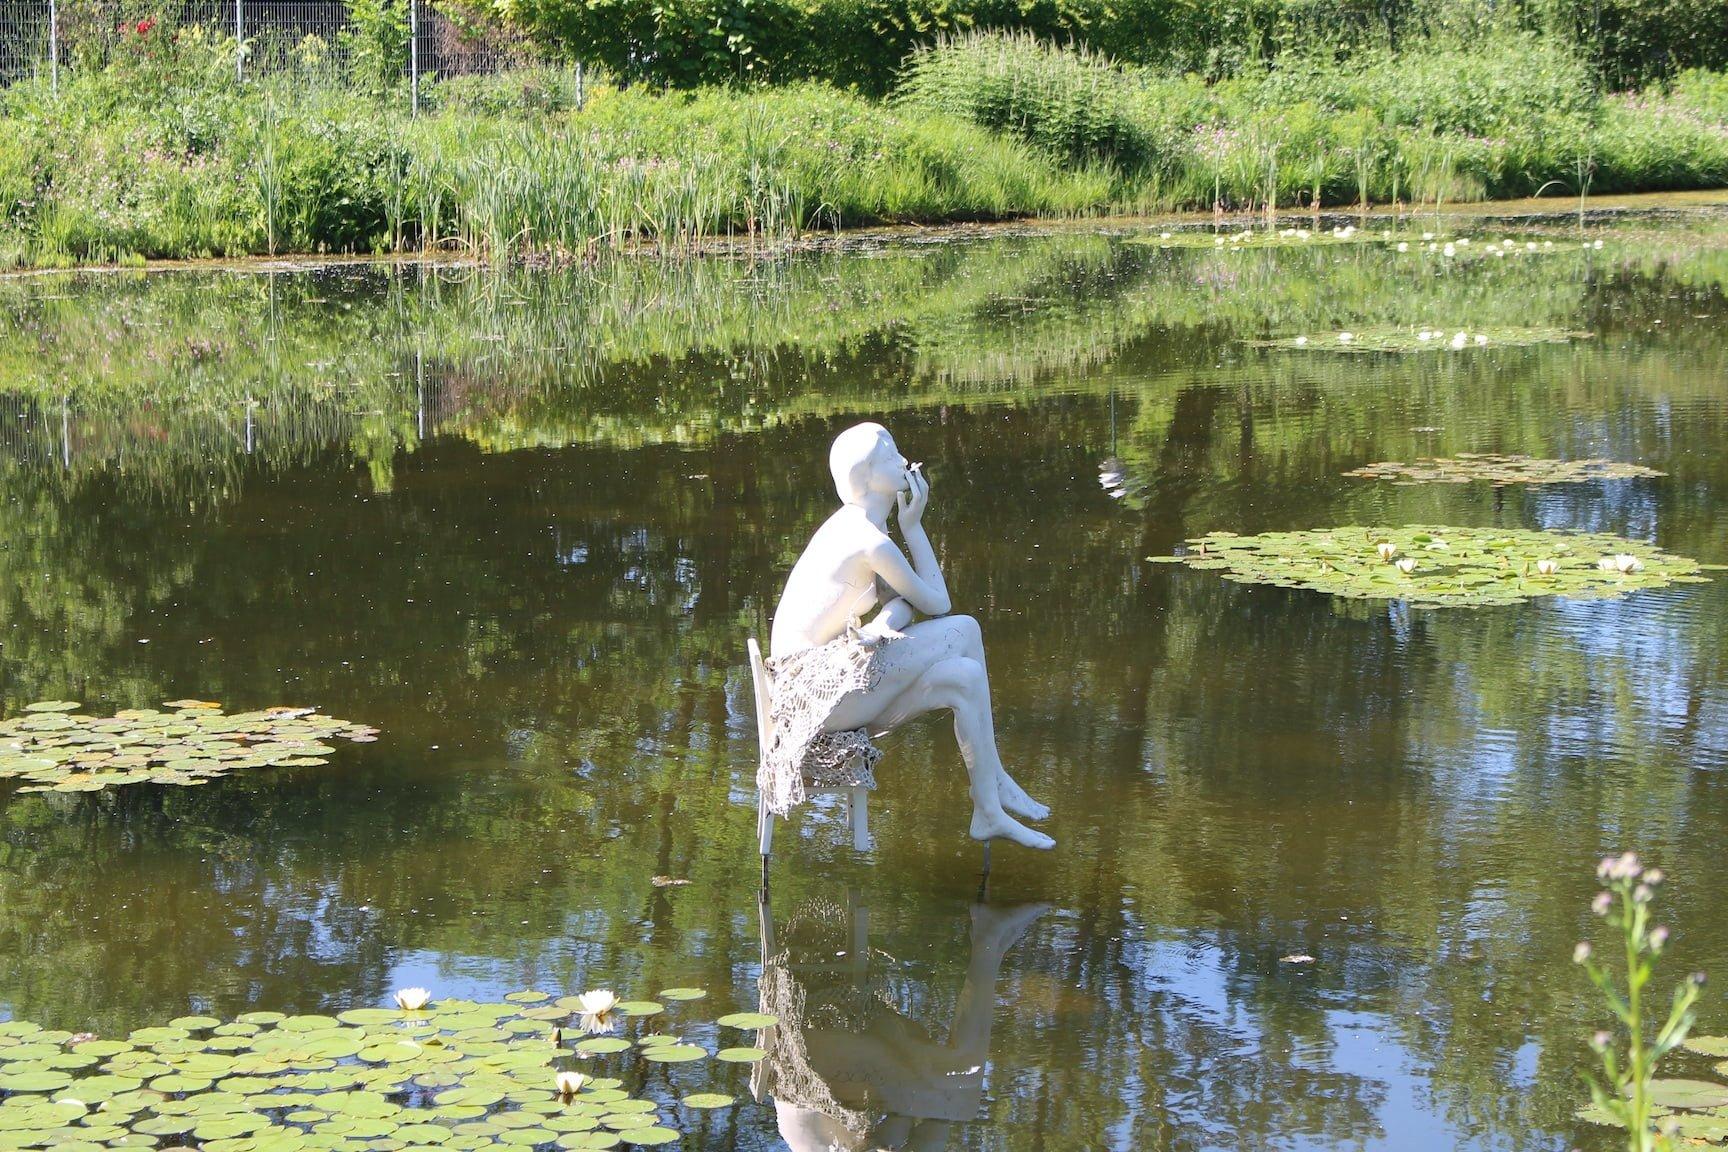 Cigarette smoking sculpture in the Die Garten Tulln